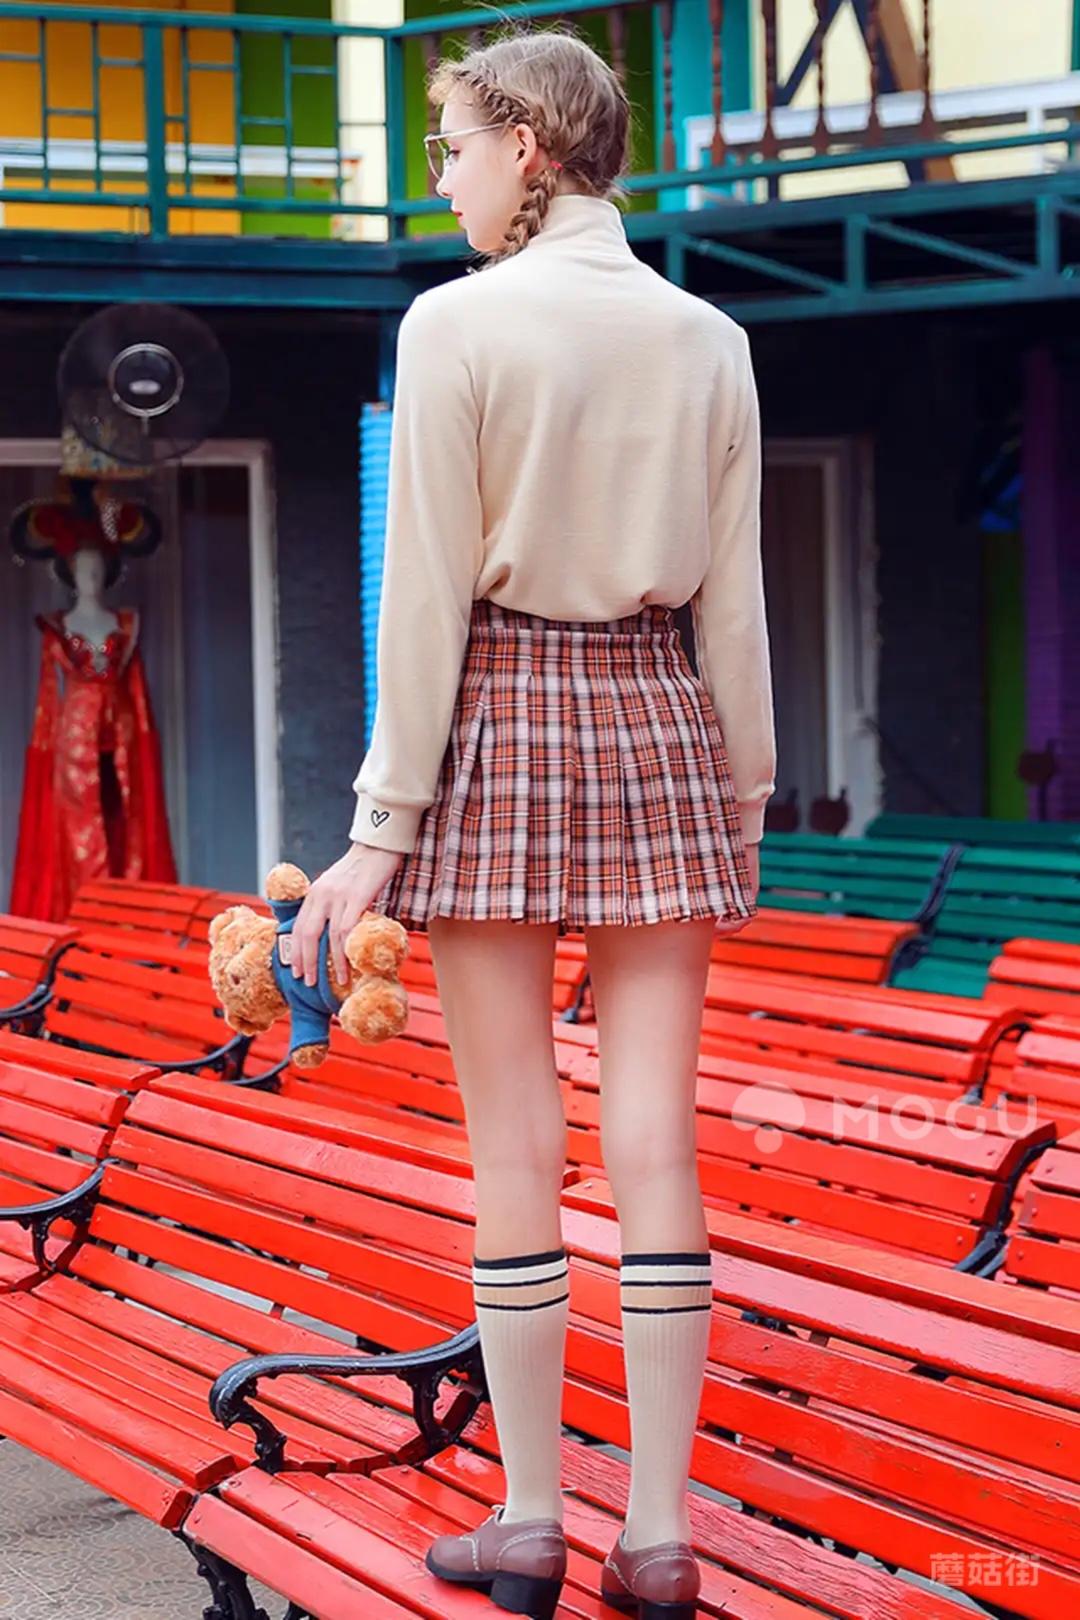 话说,学院风真的很显嫩~如果hou不住一整套Jk也没关系啊,只要一件百搭的百褶裙就够啦~~~~#中了主播的毒#